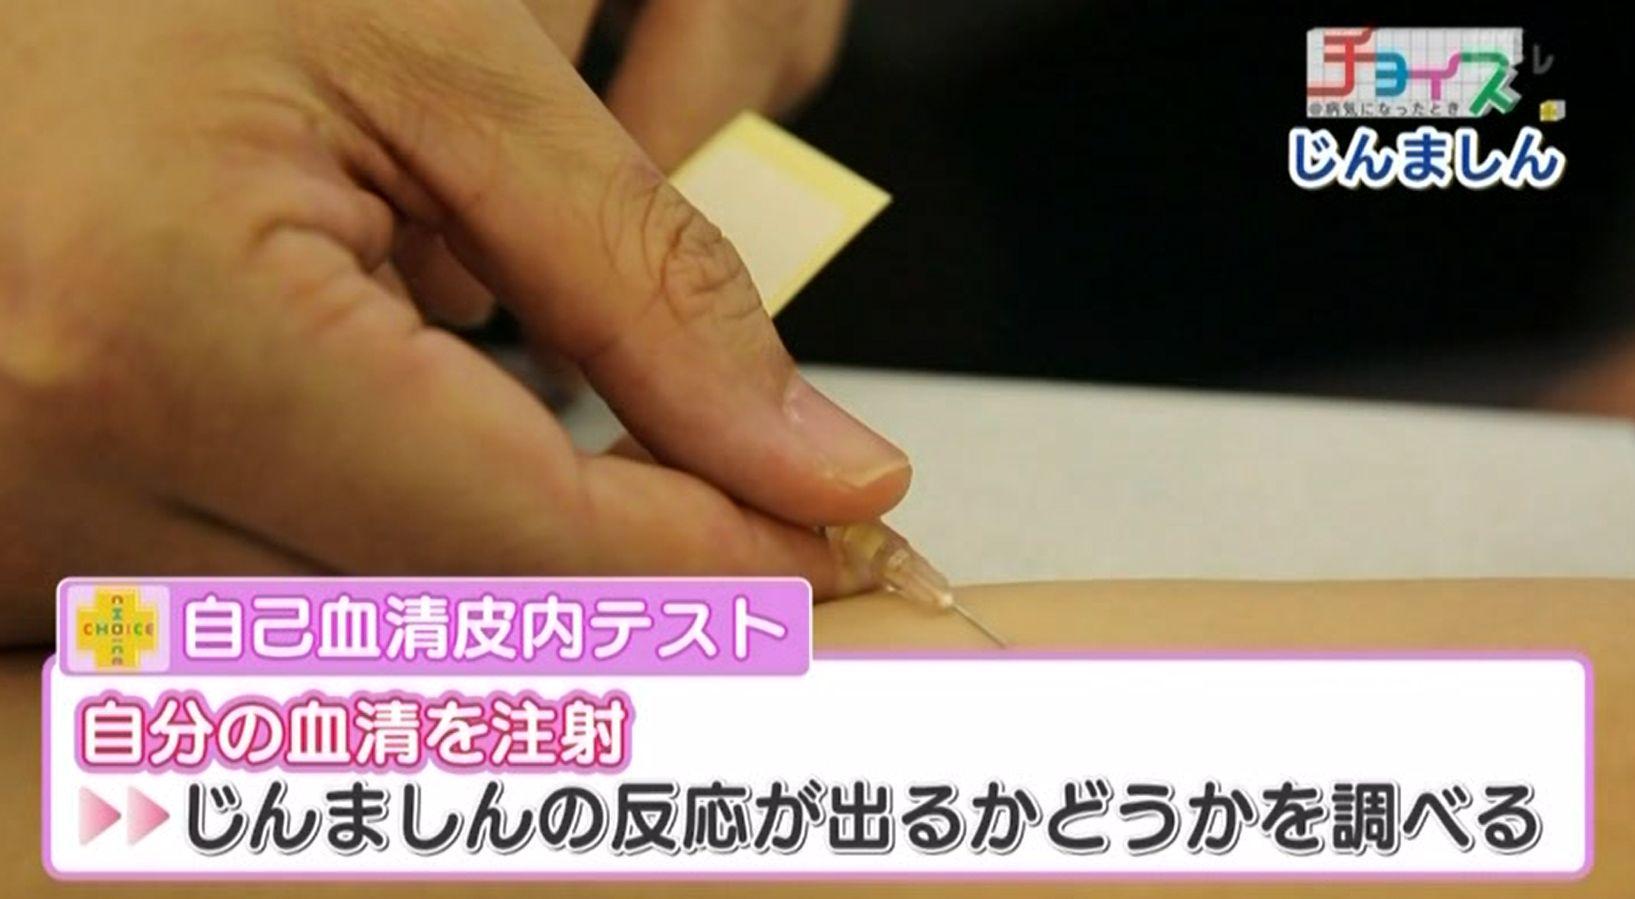 自己血清皮内テストとは、自分の血清を注射して、じんましんの反応が出るかどうかを確かめるテストのこと